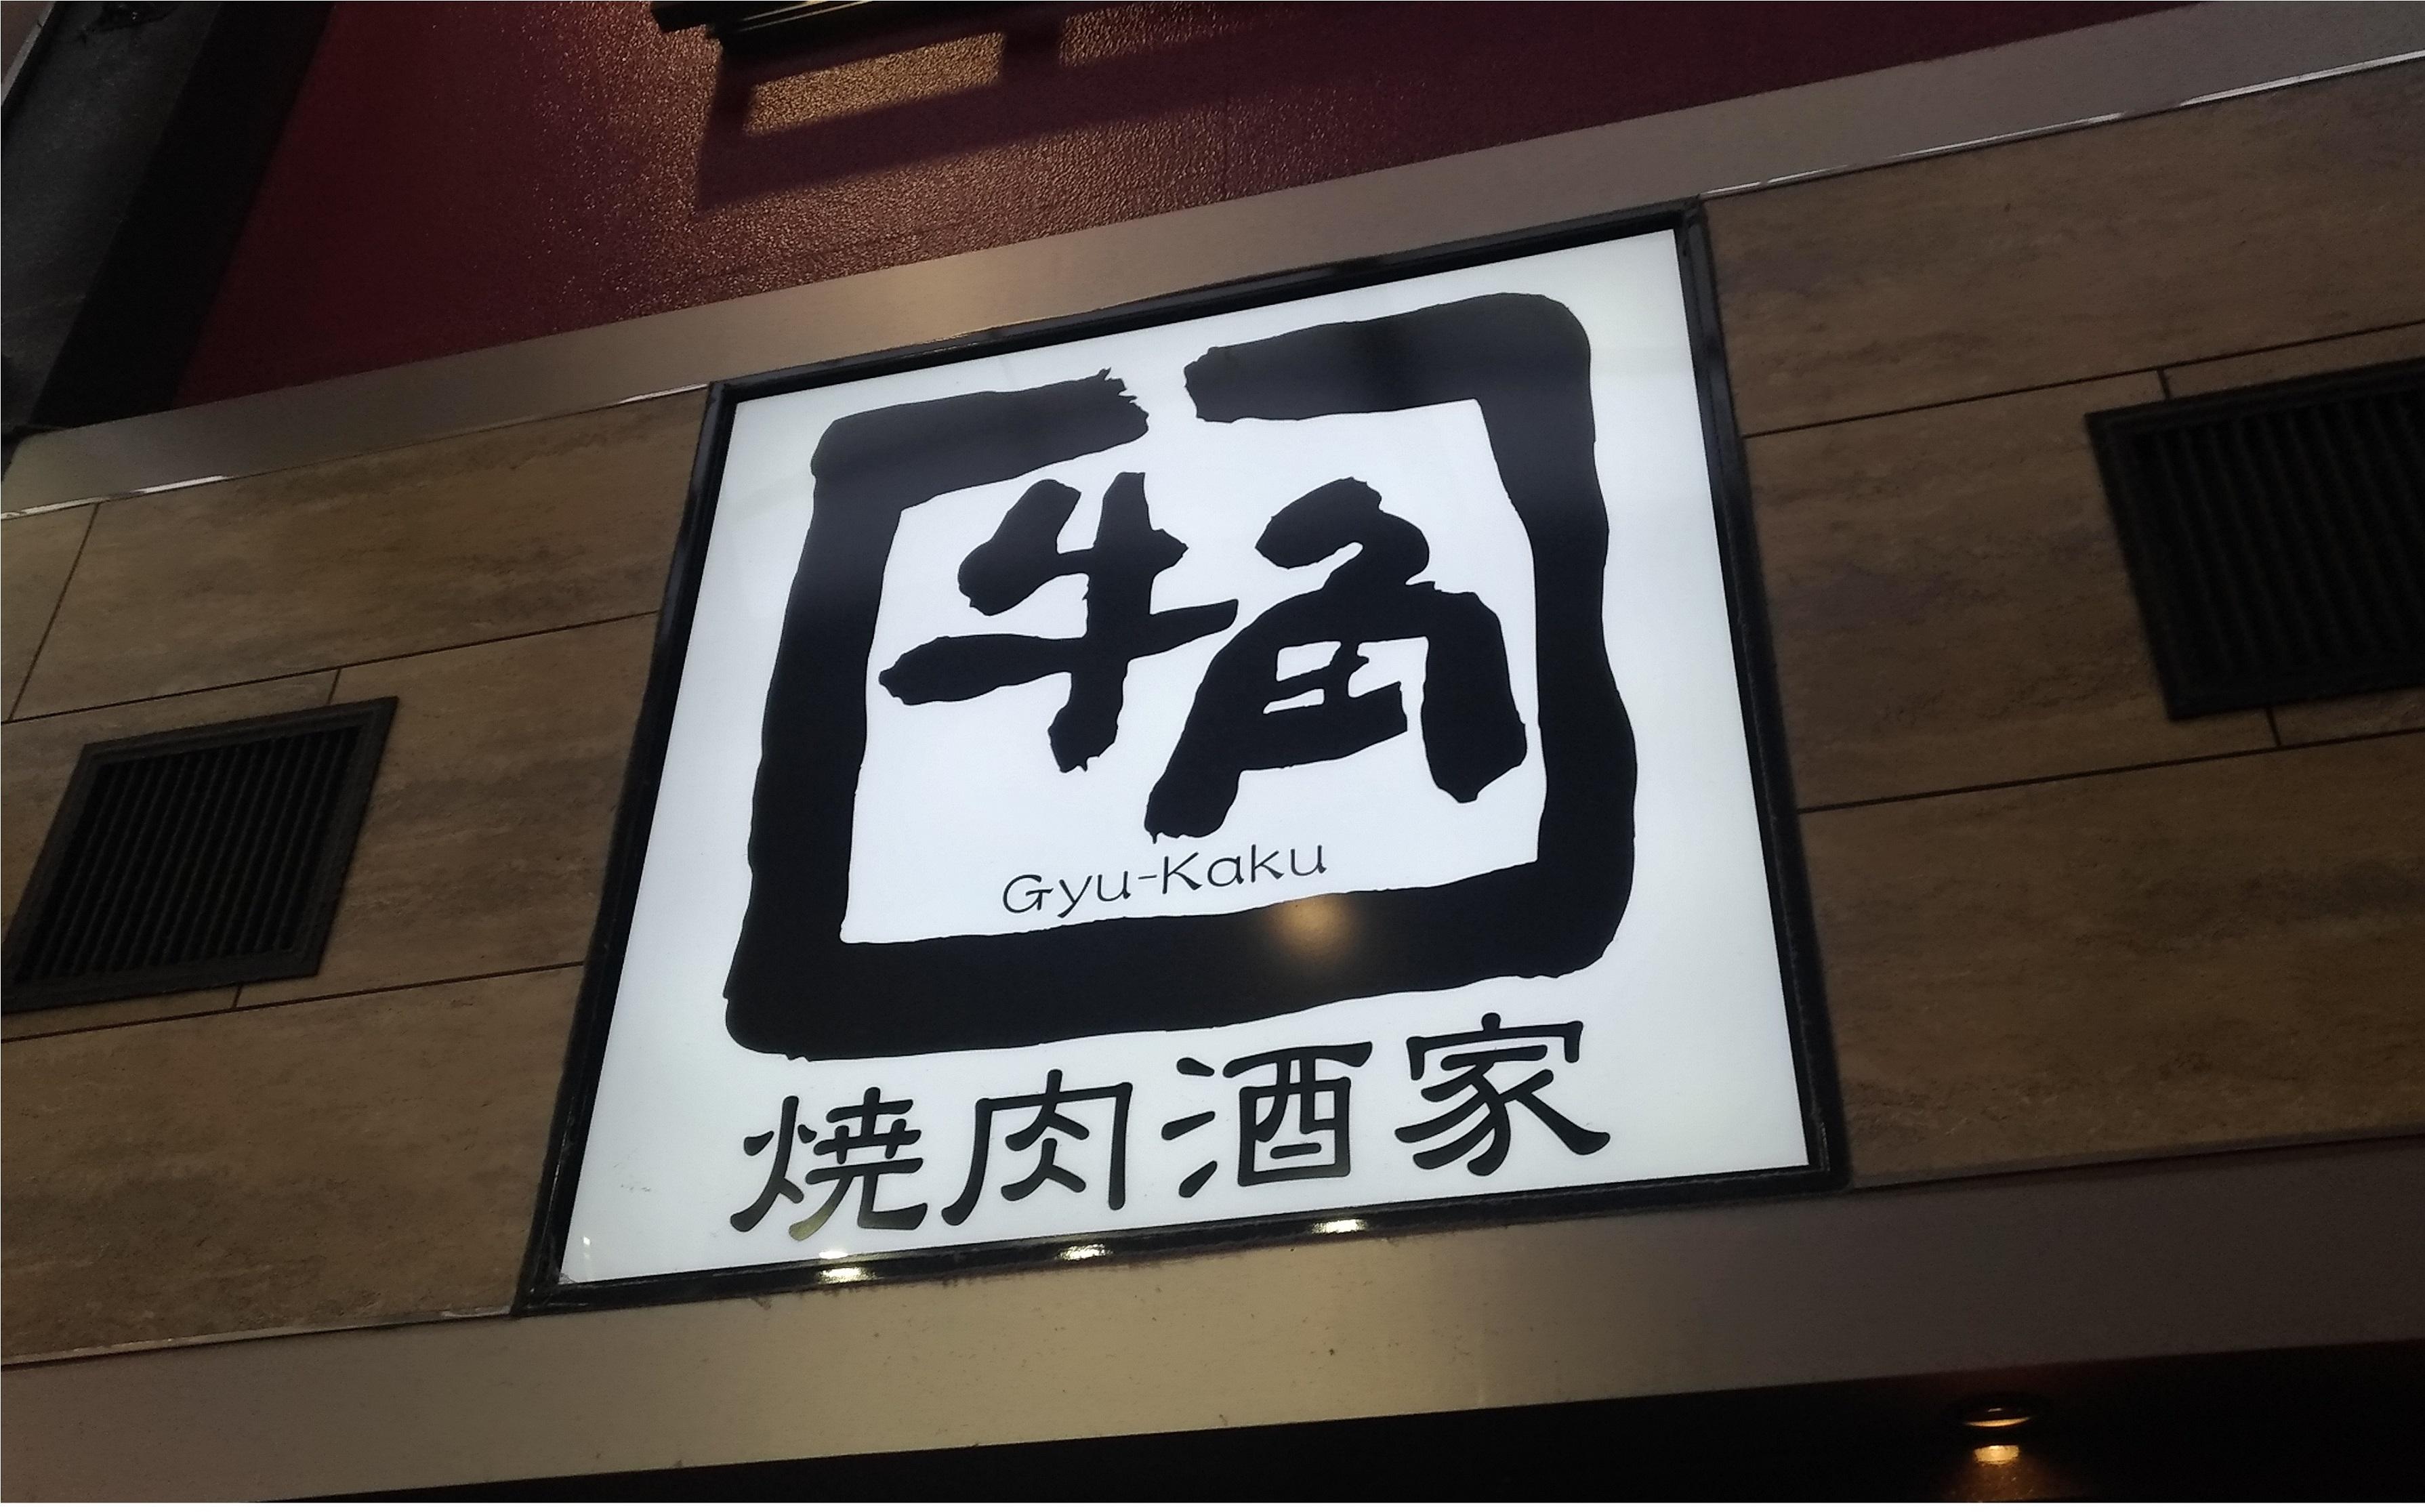 gyukaku_viking_tabehodai_1211_2.jpg